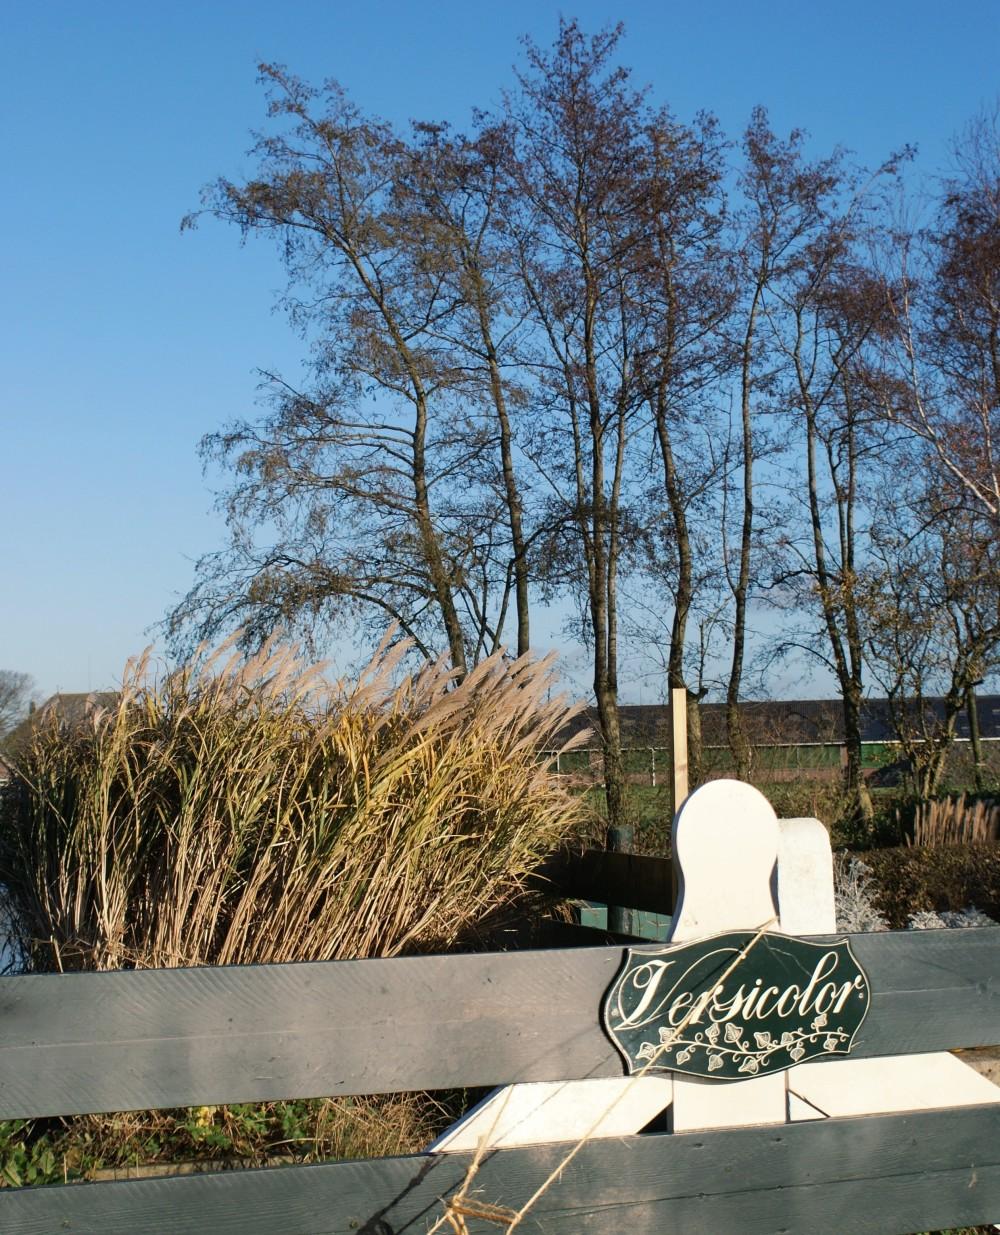 Marianne Greiner (Versicolor Tuin): De bruine tuin ...